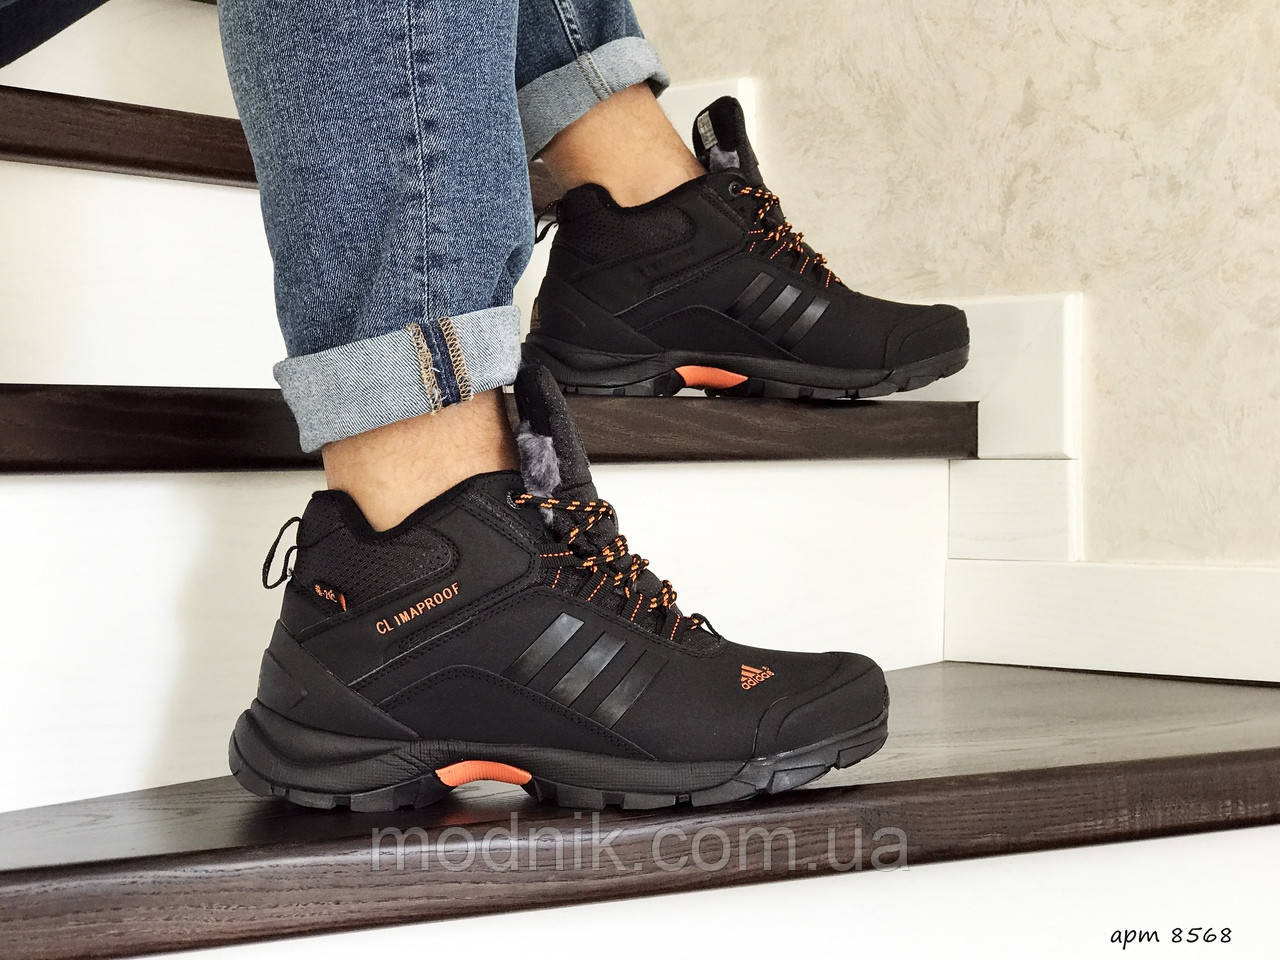 Мужские кроссовки Adidas Climaproof (черно-оранжевые) ЗИМА